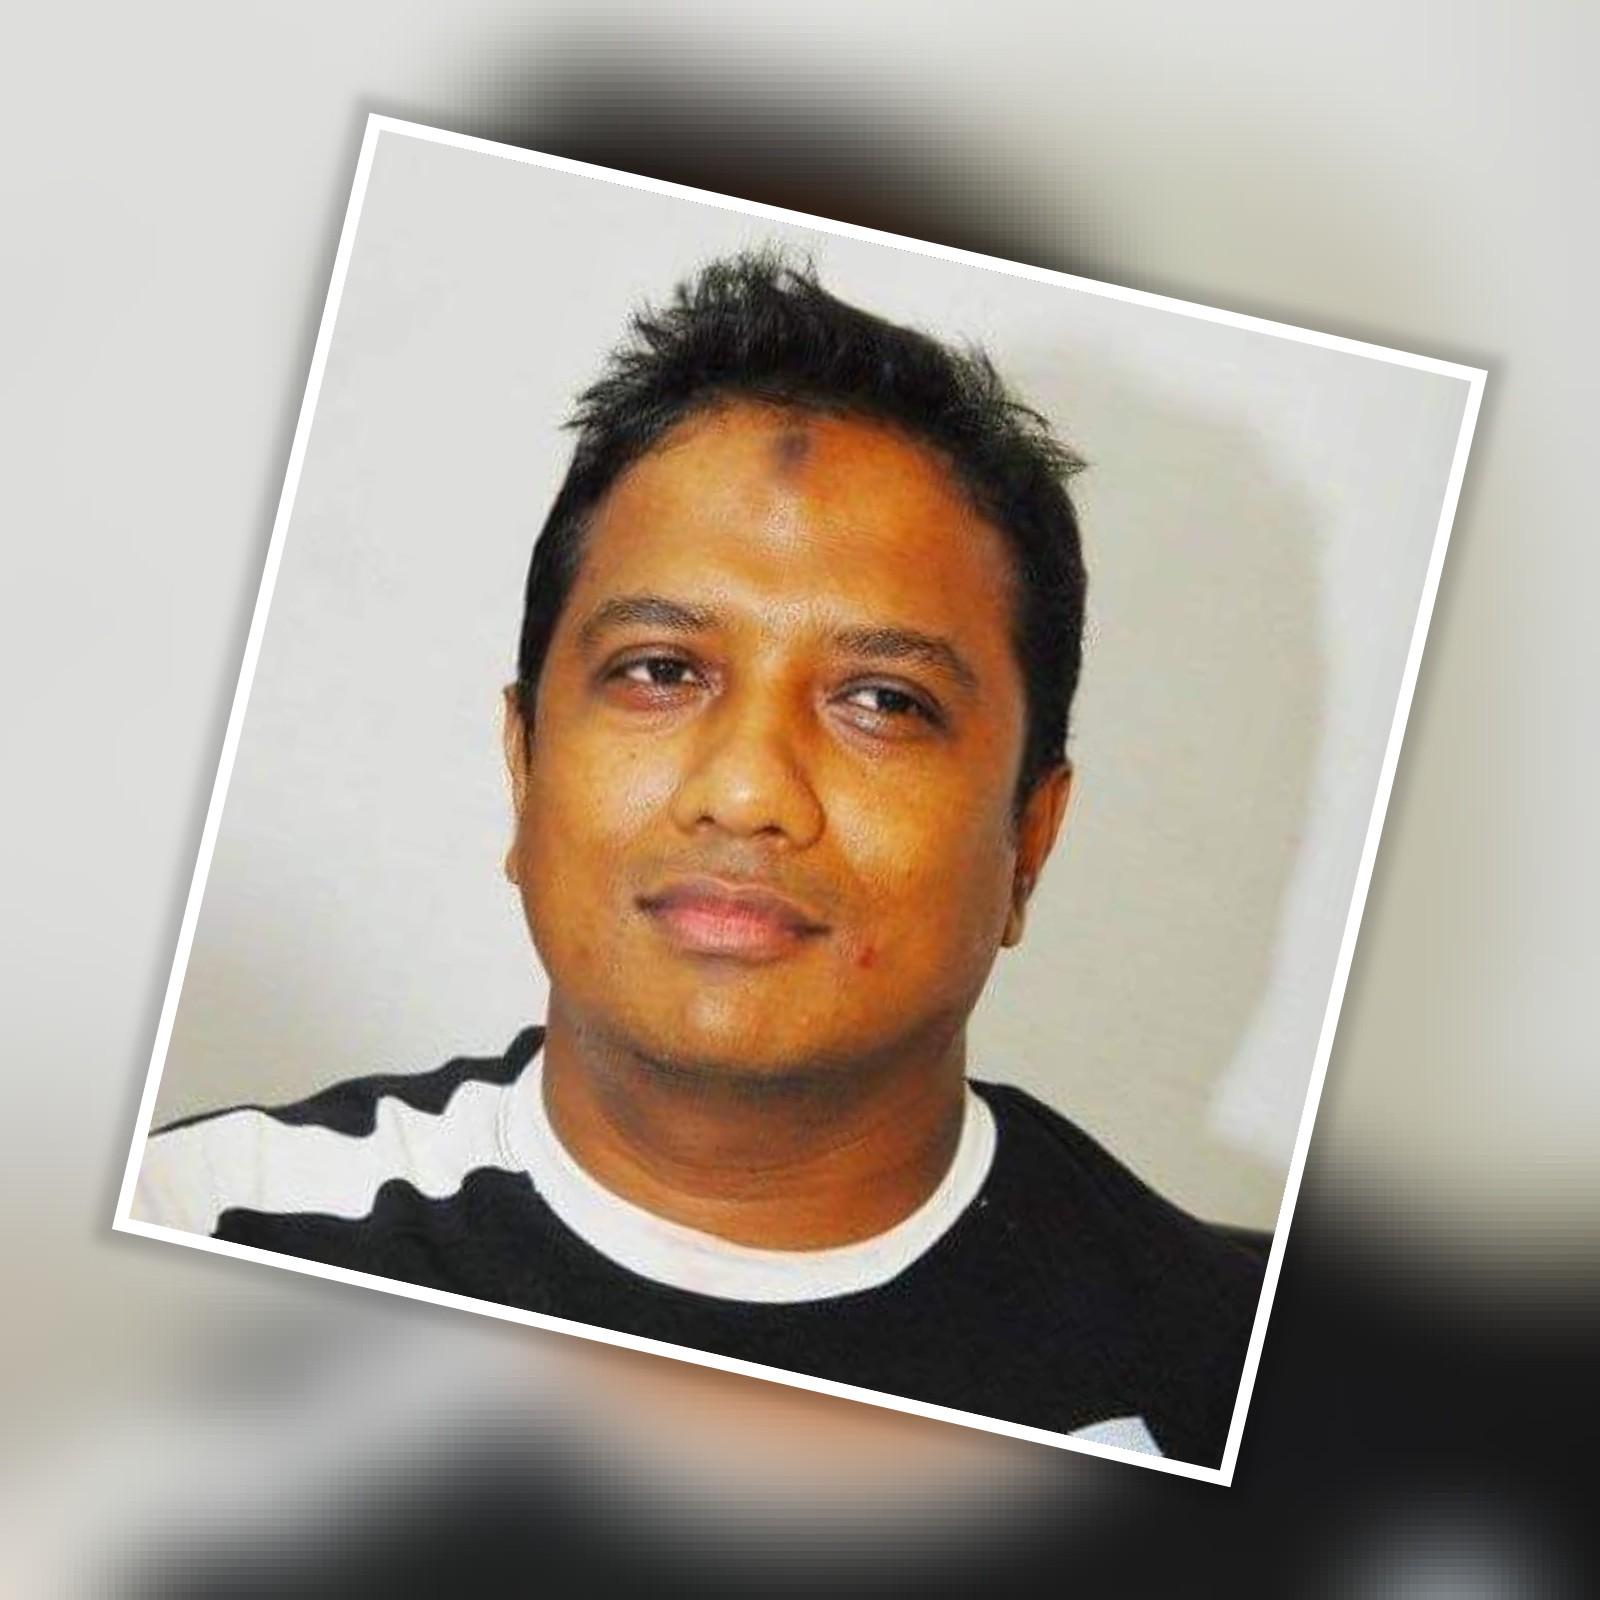 করোনায় সংগীতার সেলিম খানে ভালো উদ্যোগ l Channel Cox News